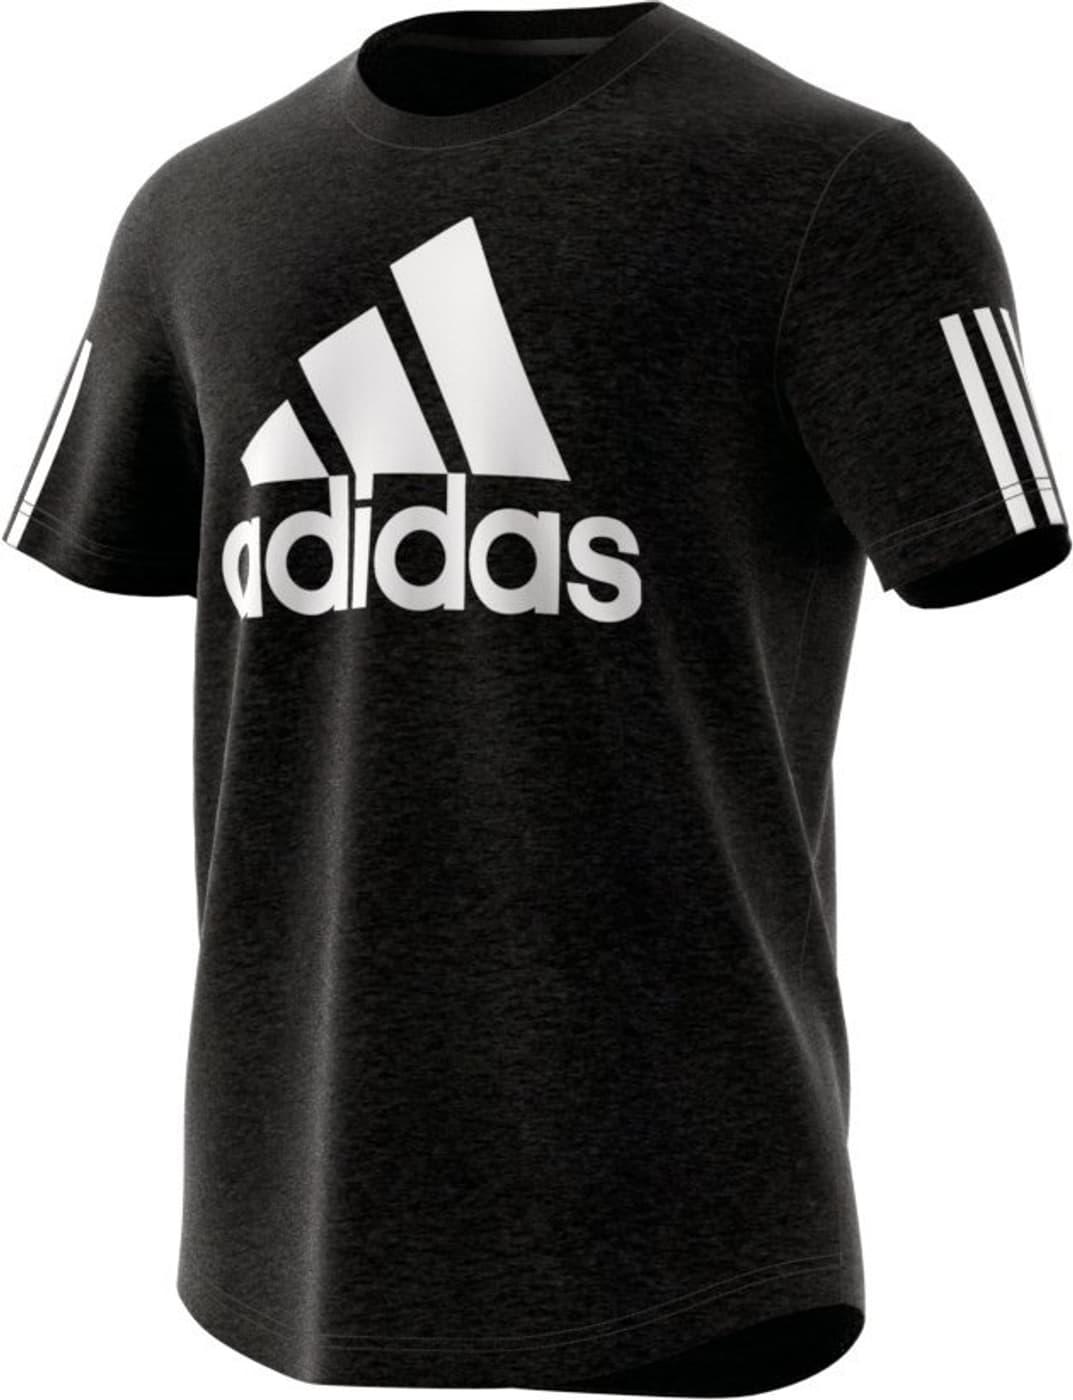 t-shirt adidas homme sport